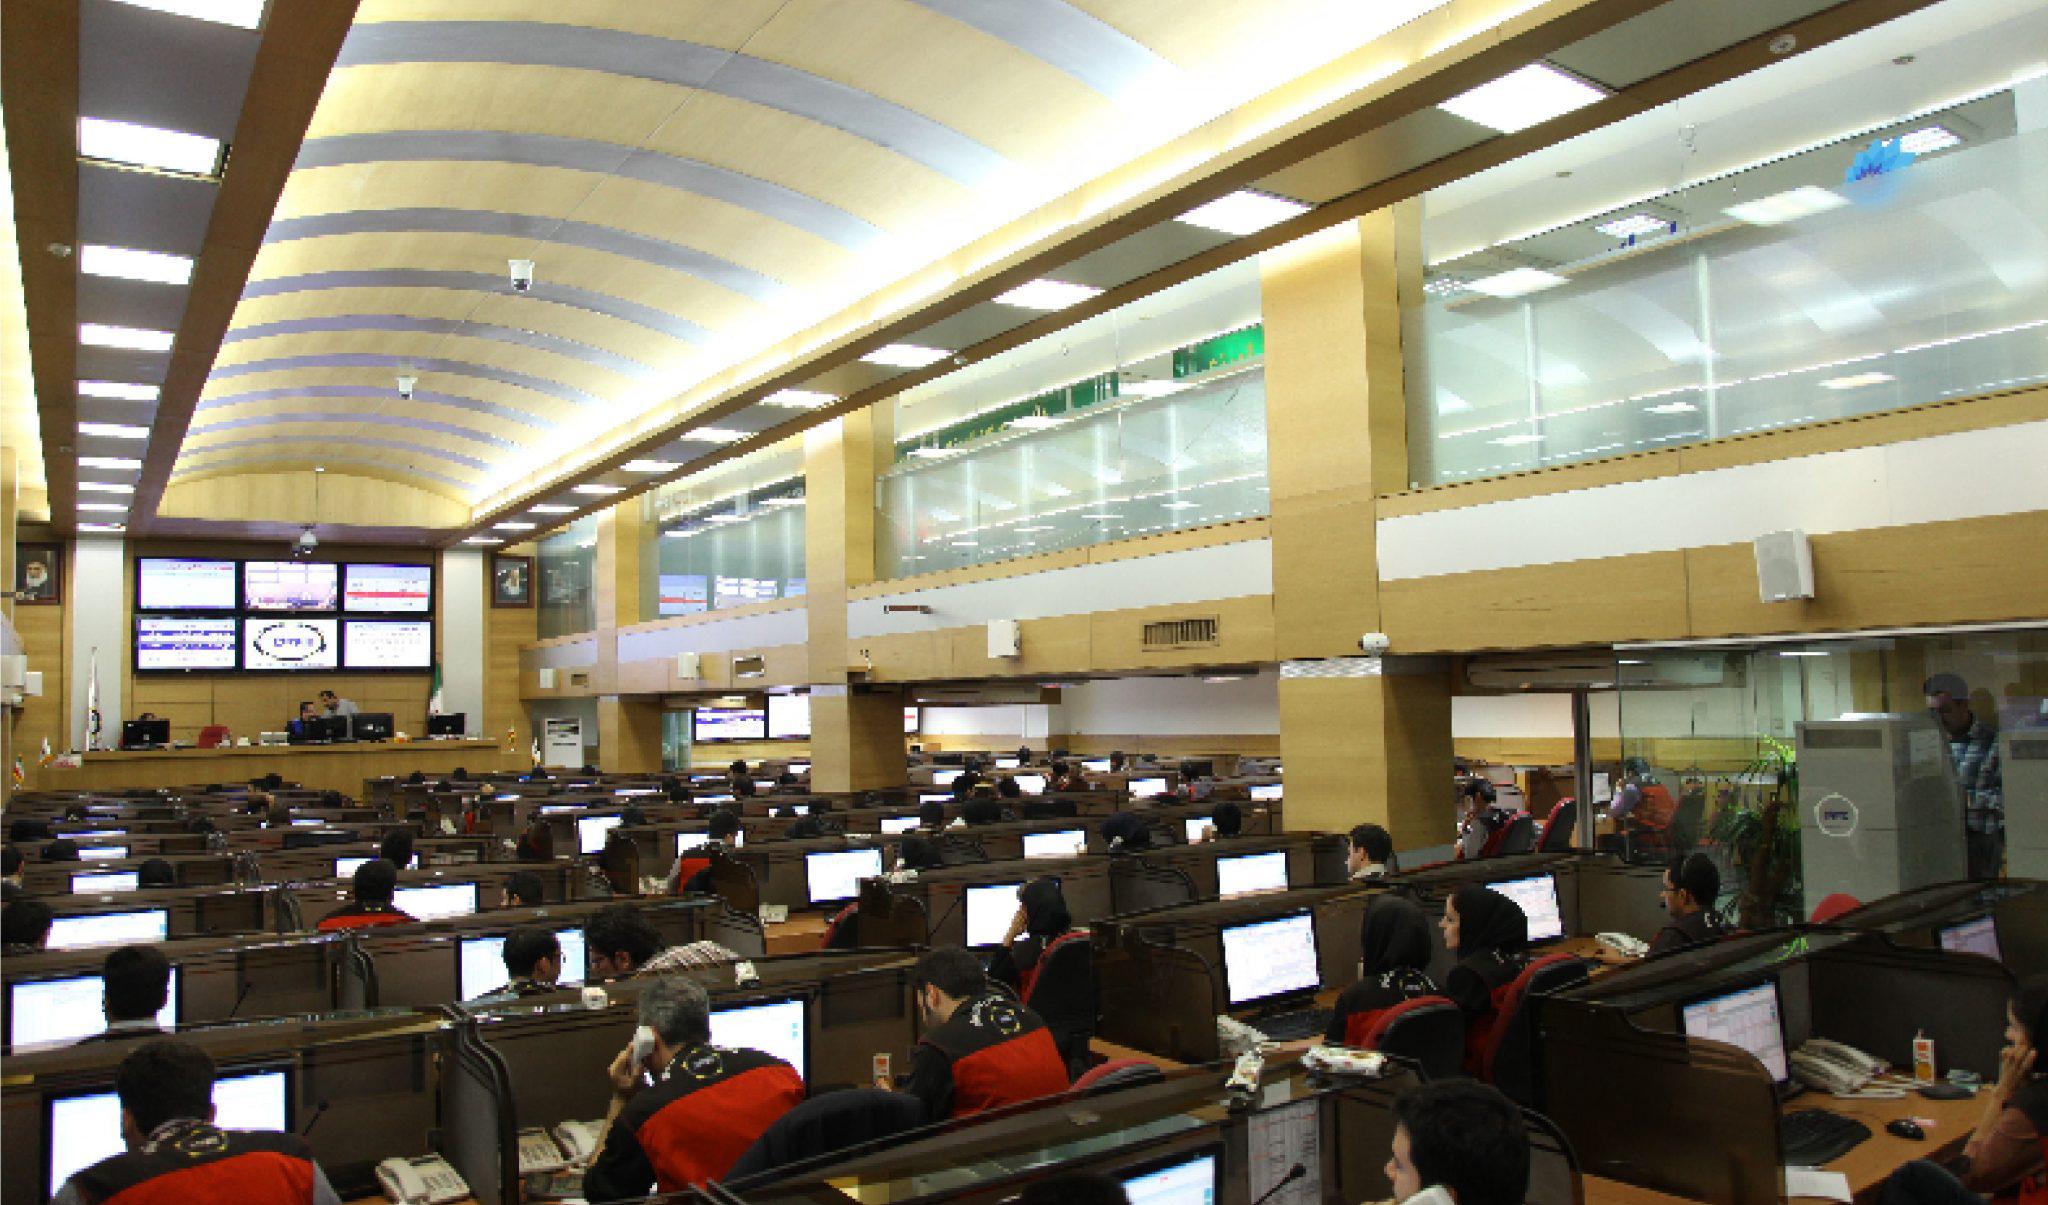 عرضه املاک مازاد بانک ها در بورس کالای ایران آغاز شد